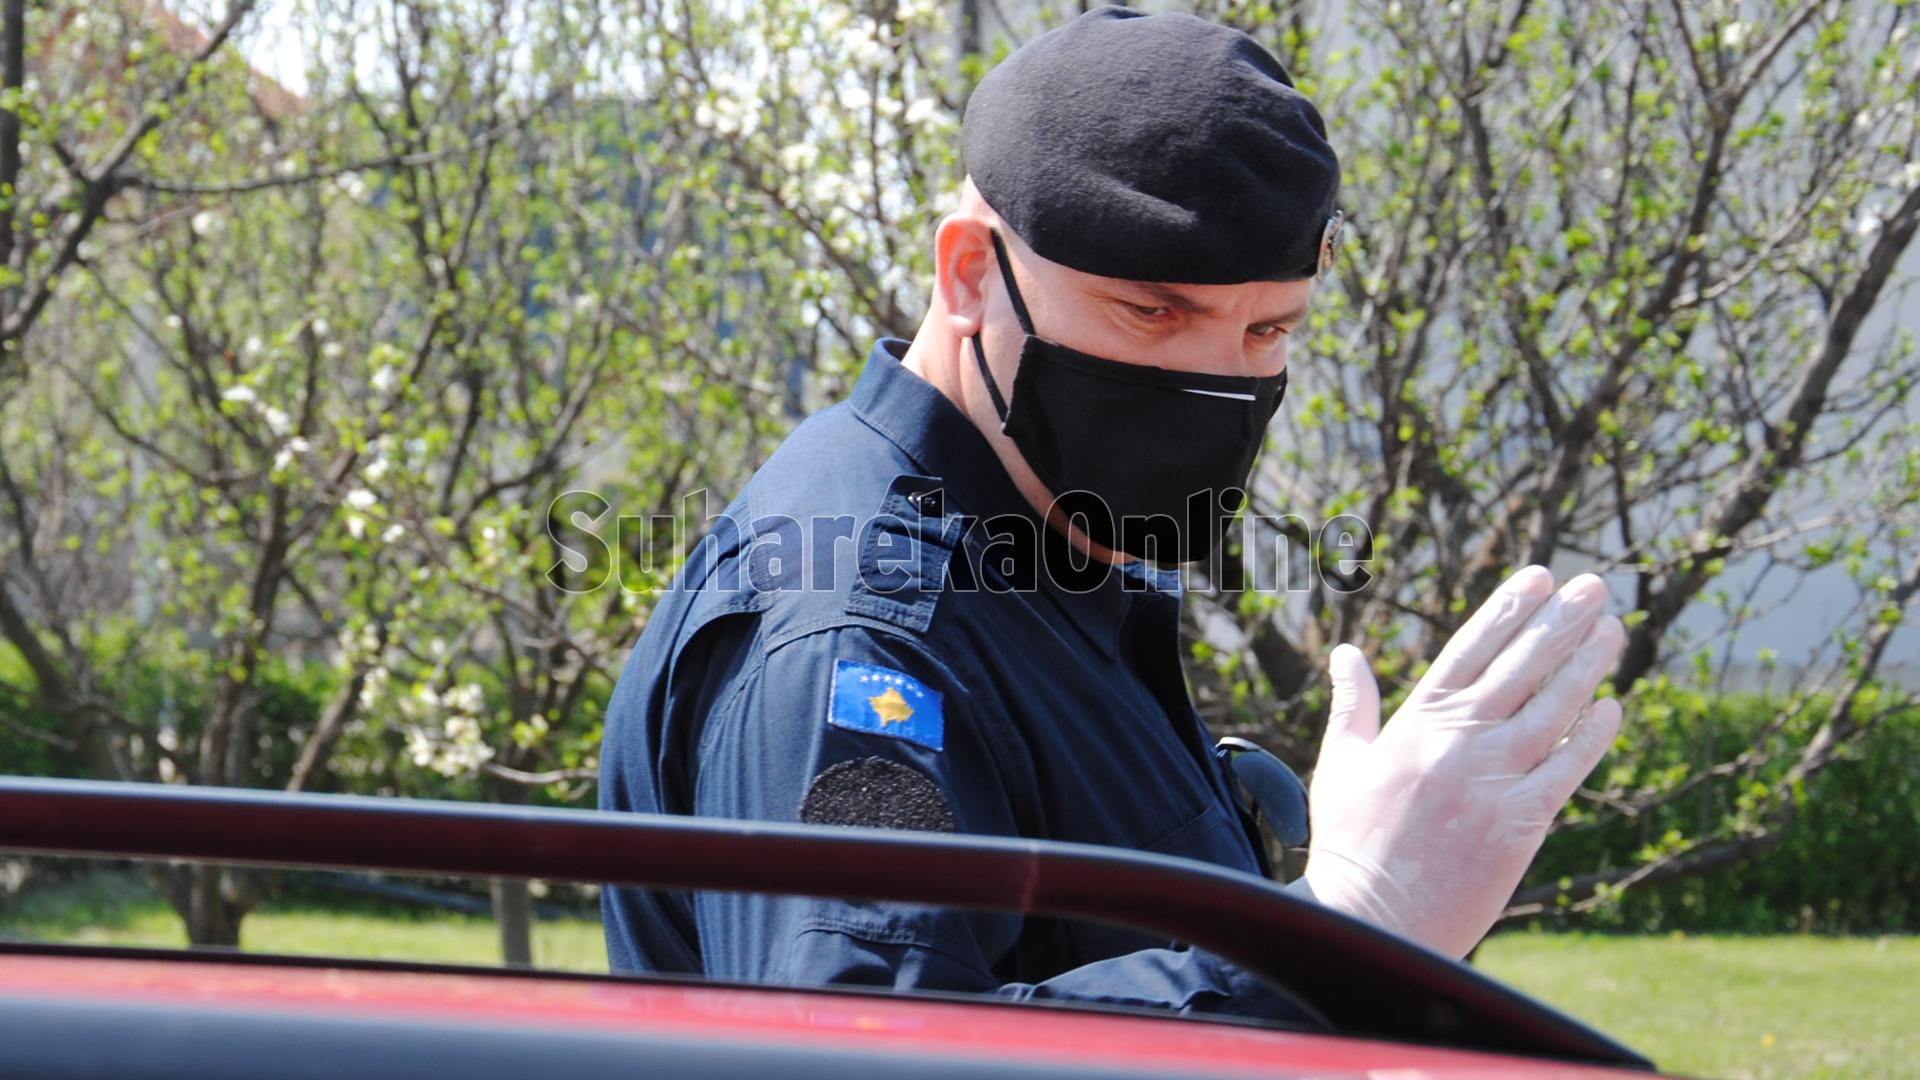 Për 24 orë policia dënoi 829 qytetarë për mosrespektim të masave anti-COVID